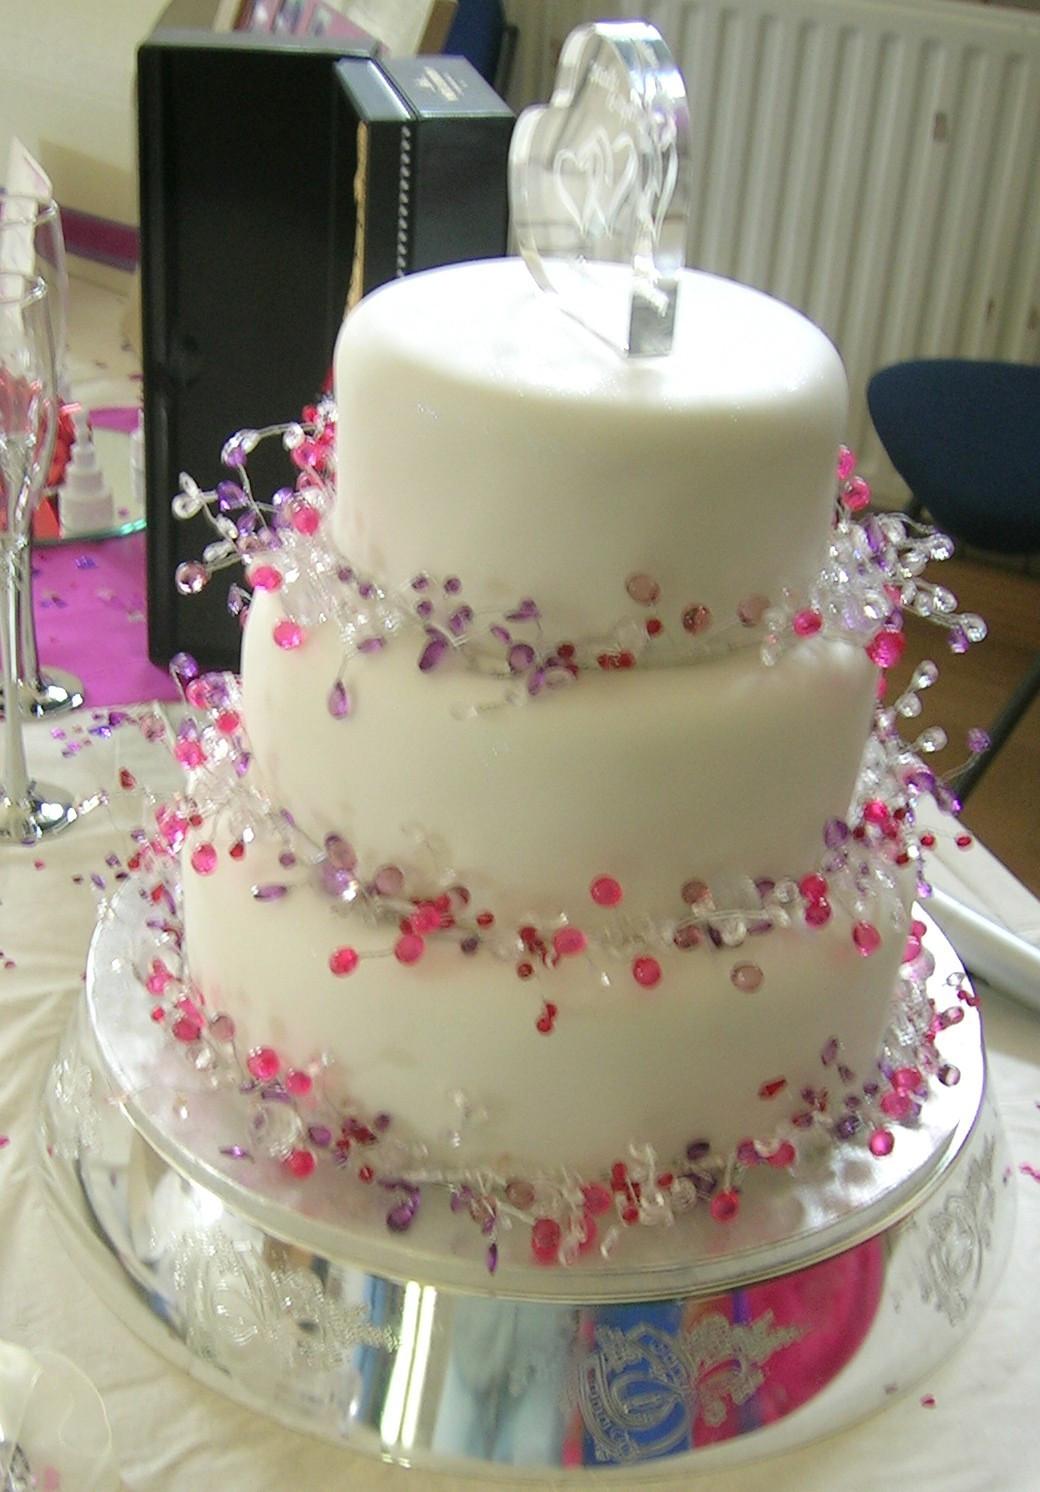 Wedding Cakes Decorations Ideas  Cake Decorating